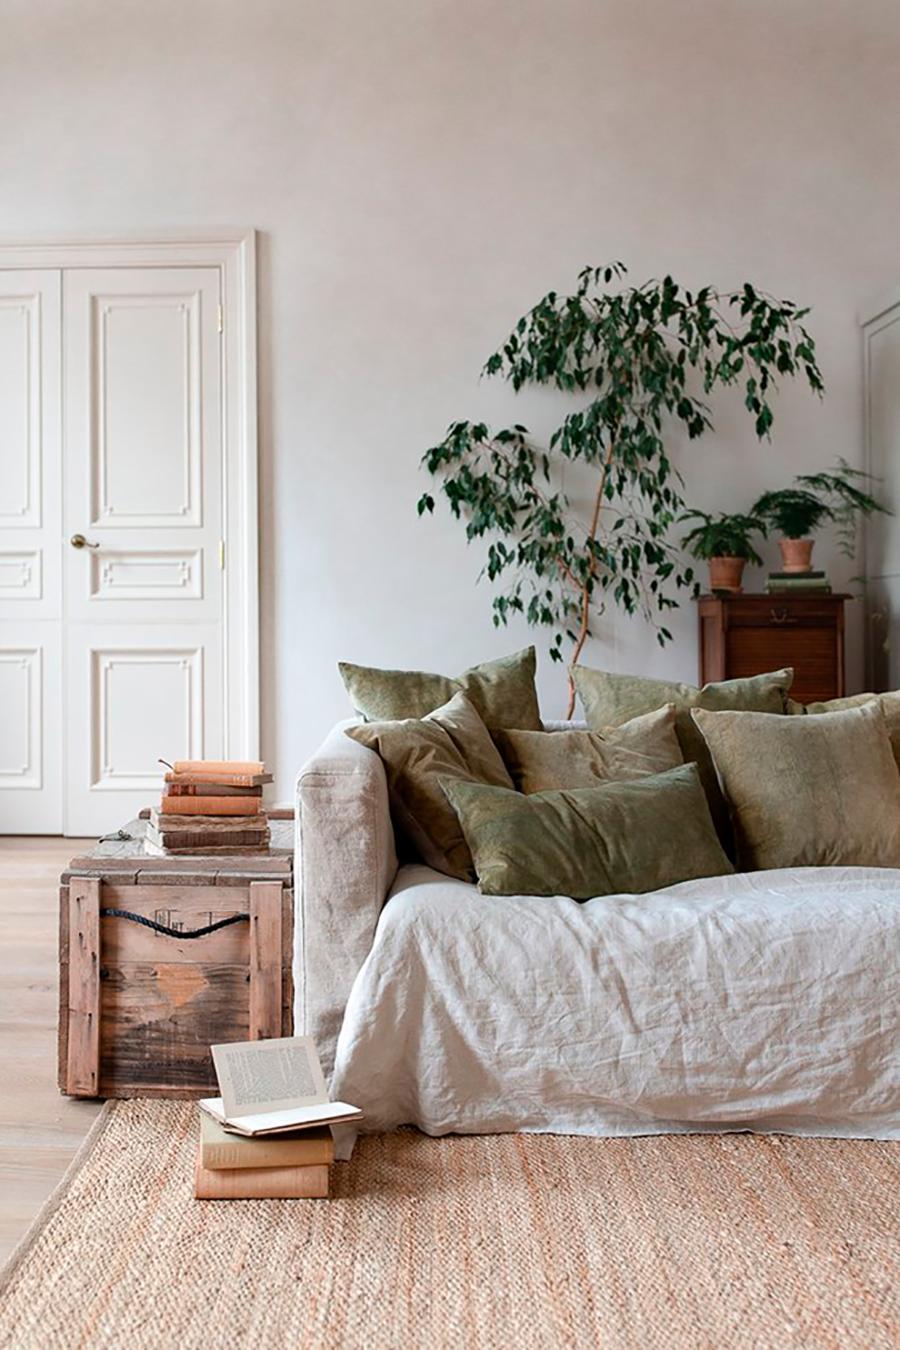 decoracion de interiores sustentable